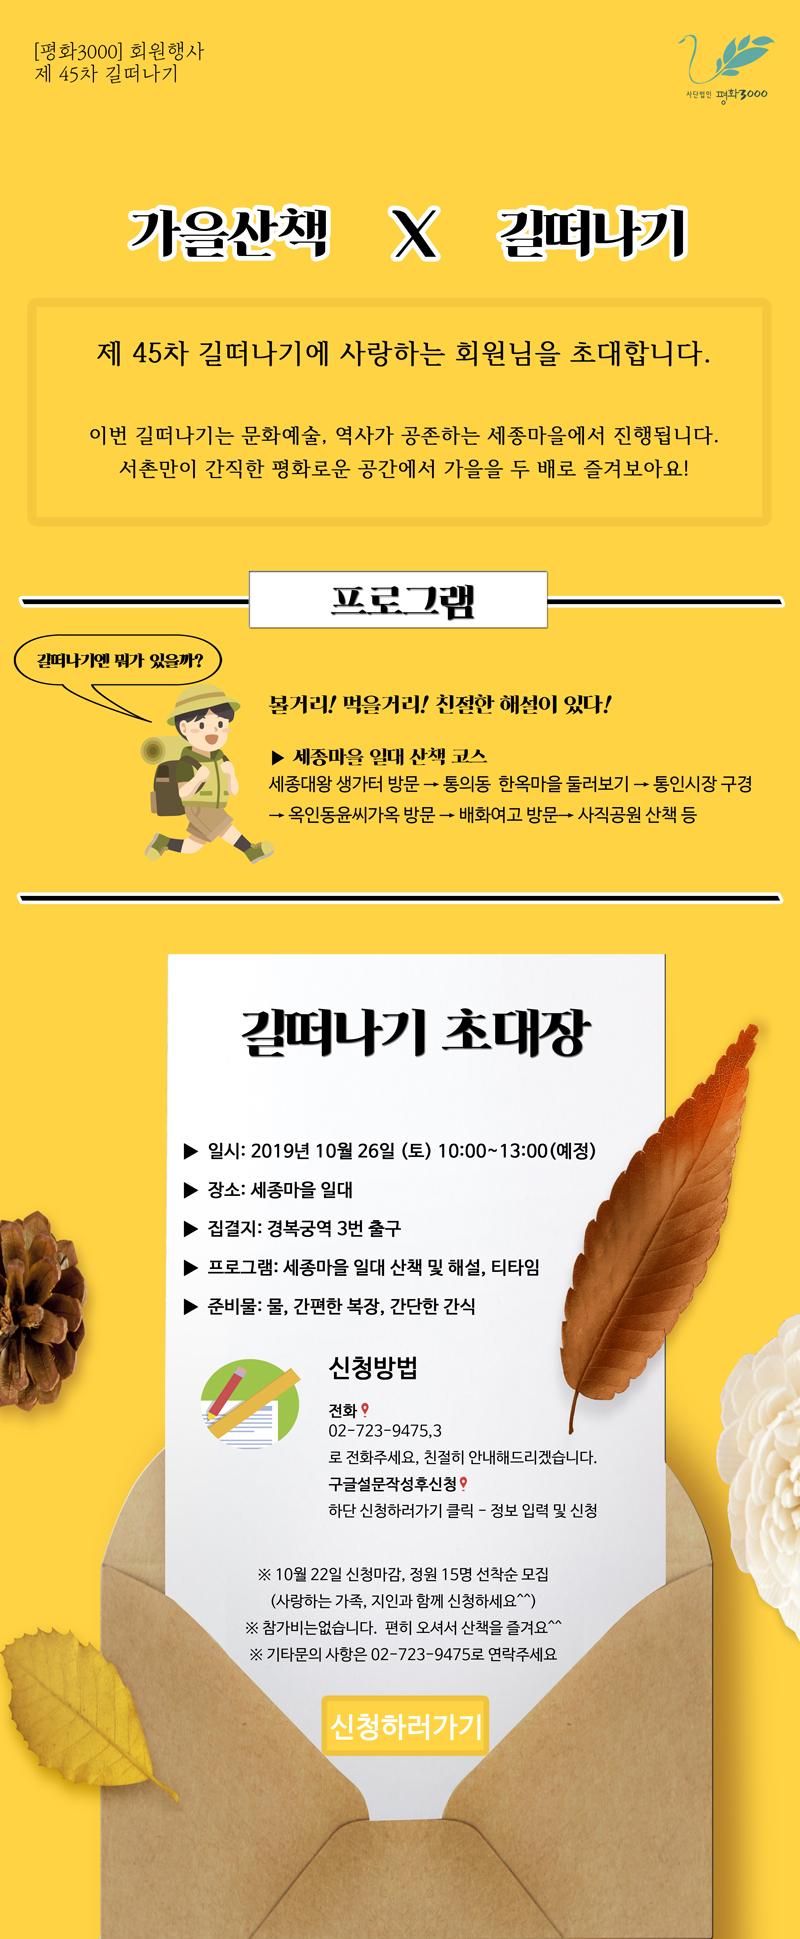 201910_길떠나기시안최종_108